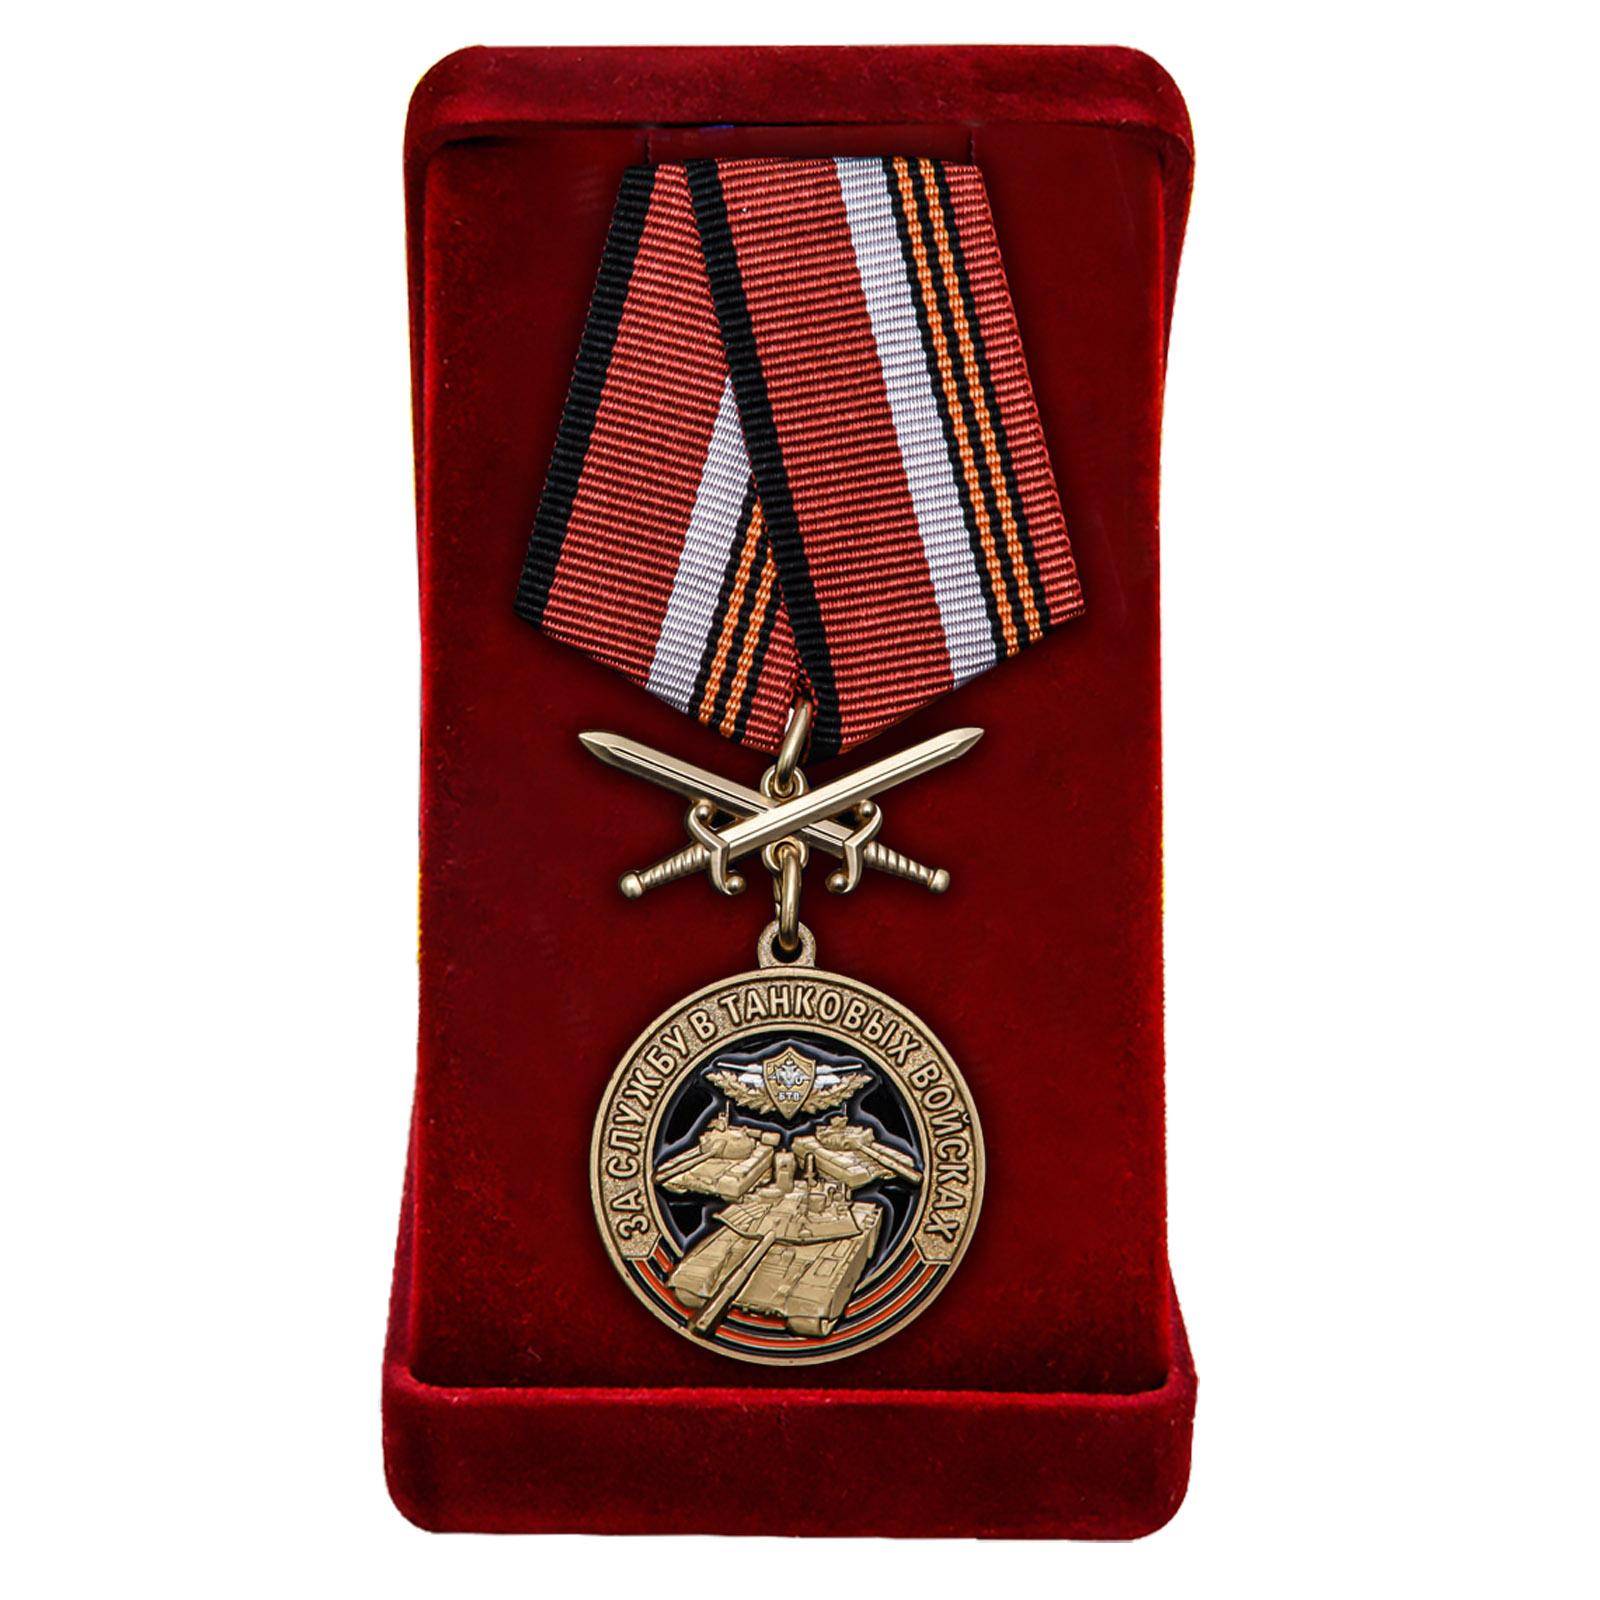 Купить медаль За службу в Танковых войсках по лучшей цене